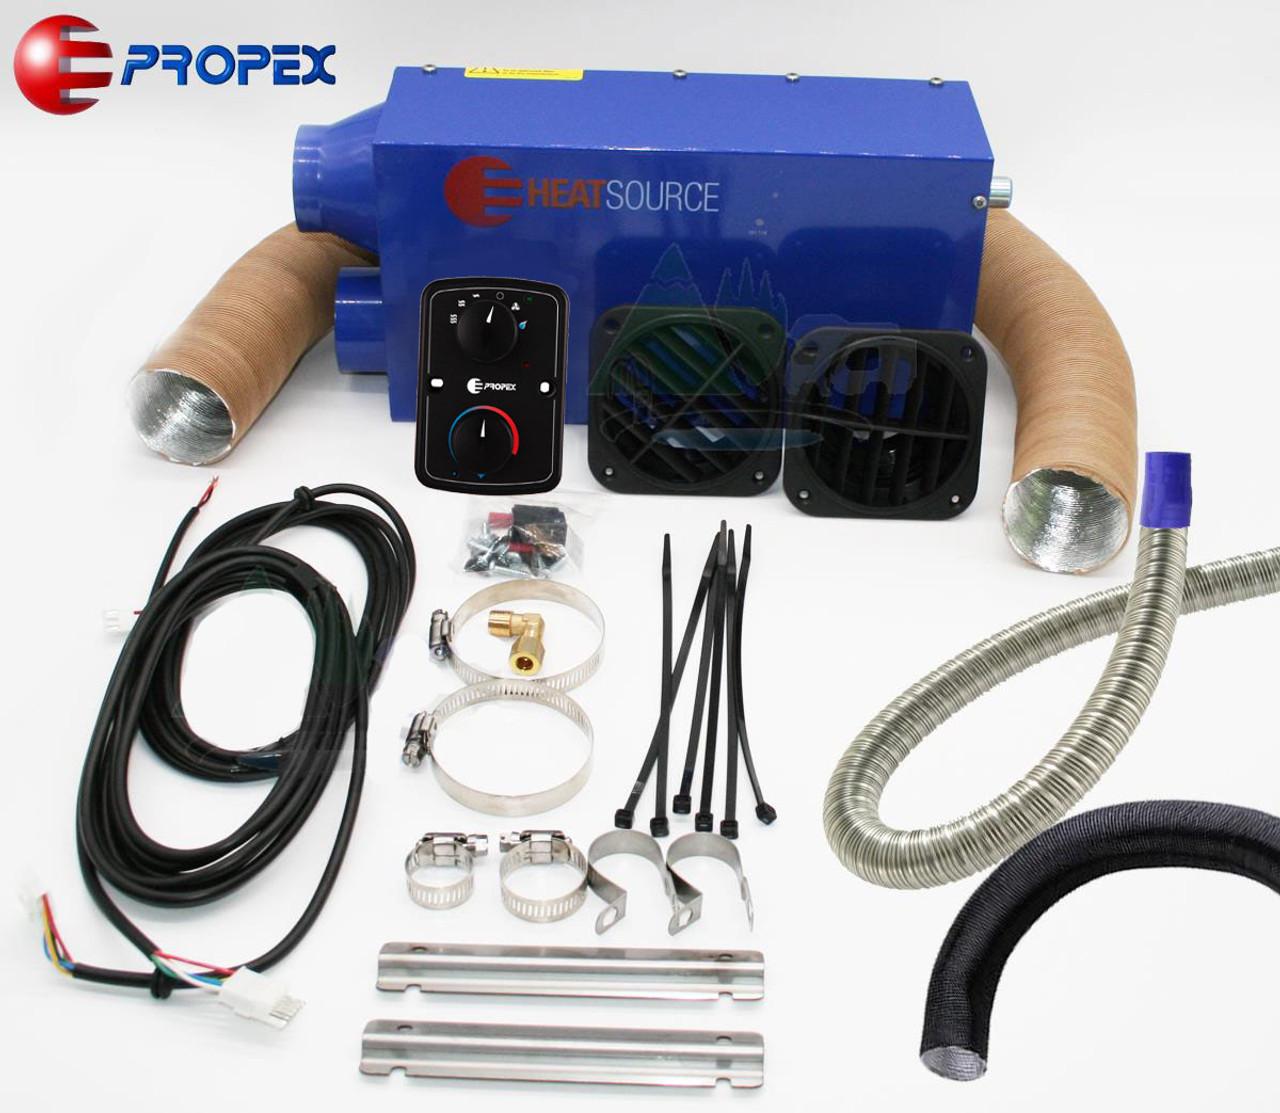 Propex HS2000 LPG gas air heater